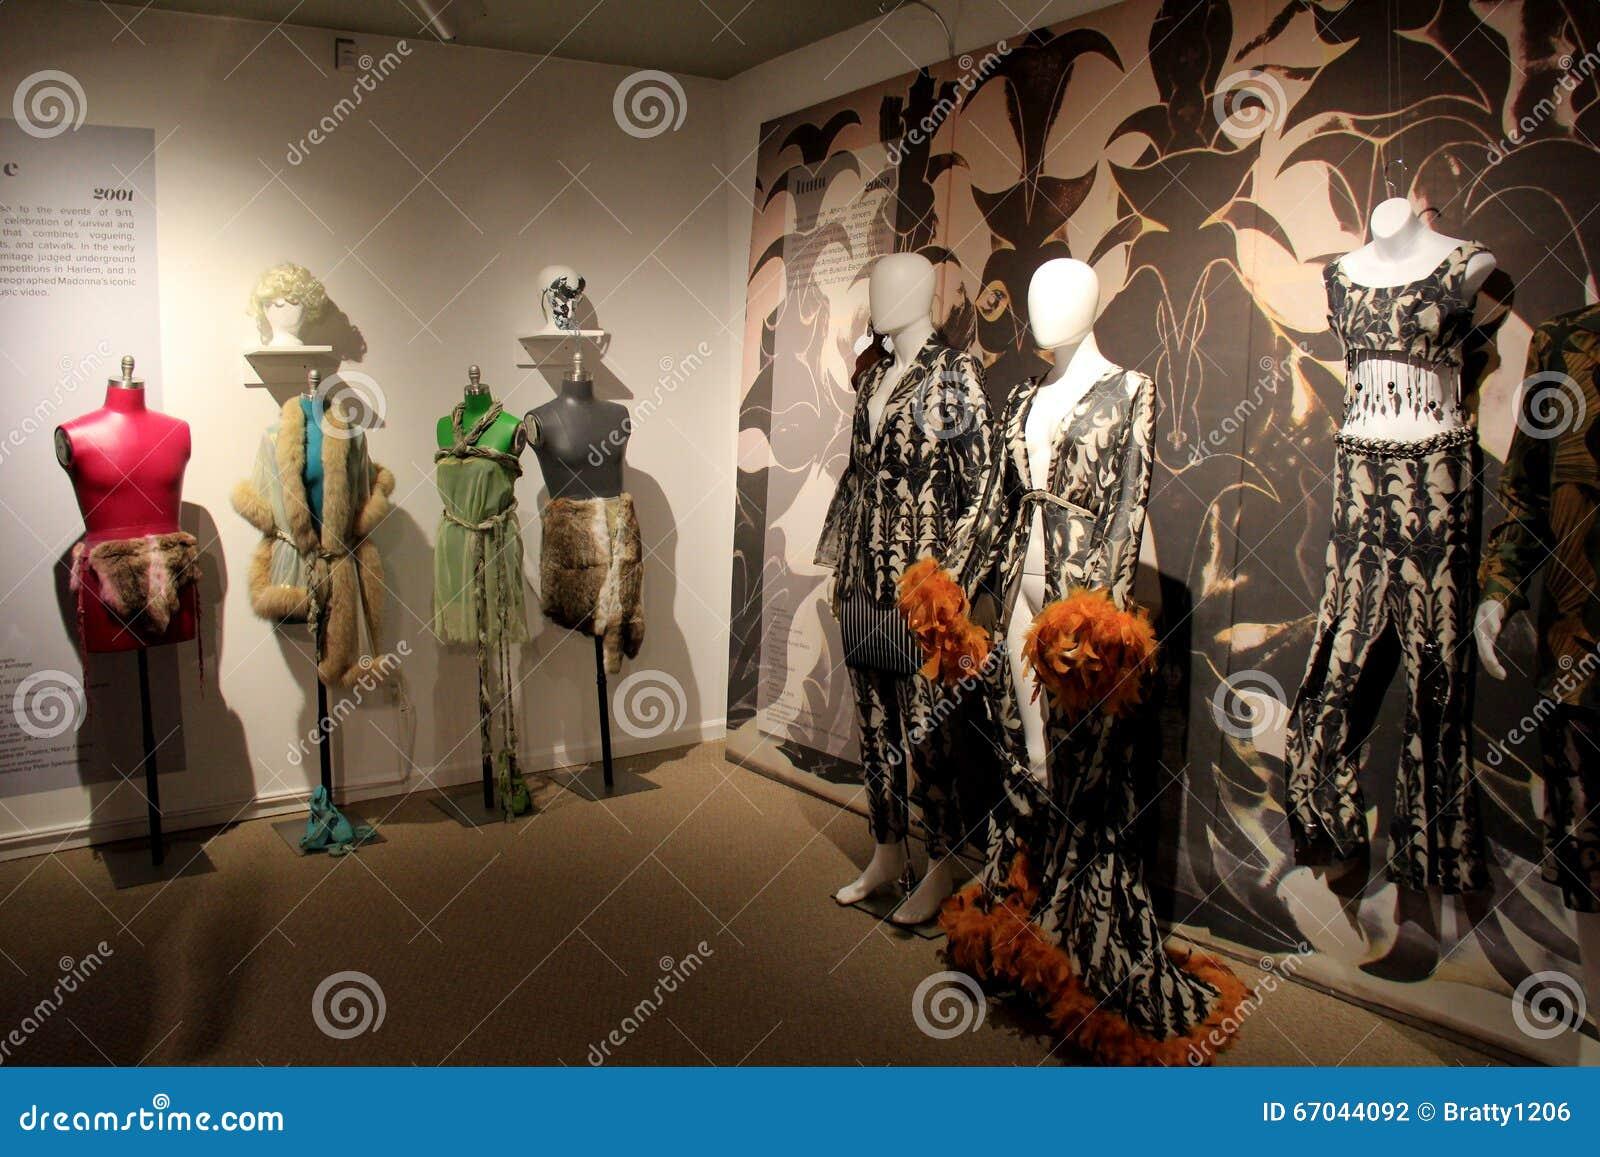 Διάφορα μανεκέν έντυσαν στα κοστούμια χορού σχεδιαστών, Εθνικό Μουσείο του χορού, Saratoga Springs, Νέα Υόρκη, το 2016